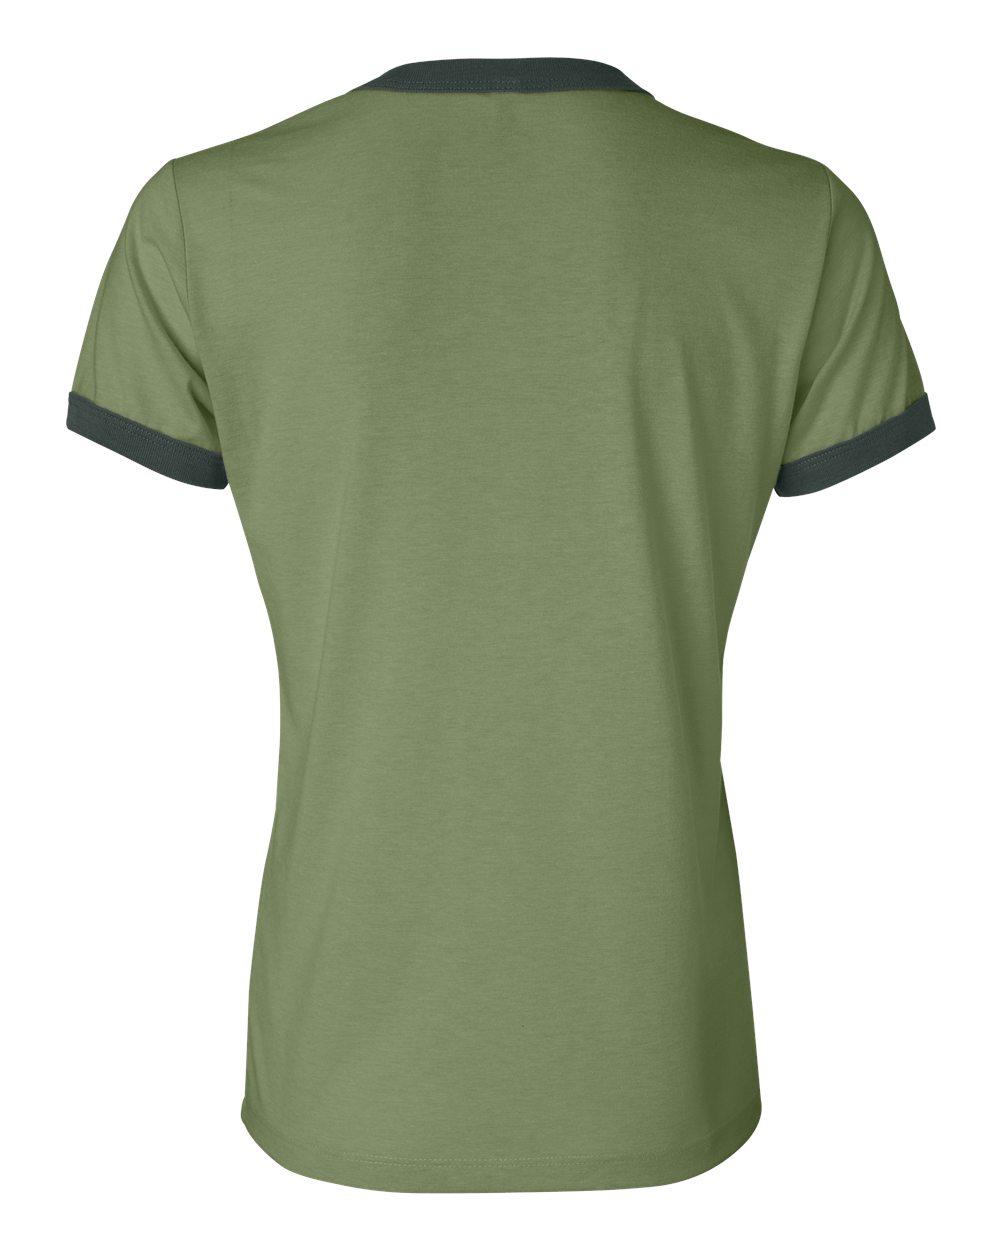 Bella-Canvas-Women-039-s-Jersey-Short-Sleeve-Ringer-T-Shirt-B6050-S-2XL thumbnail 4